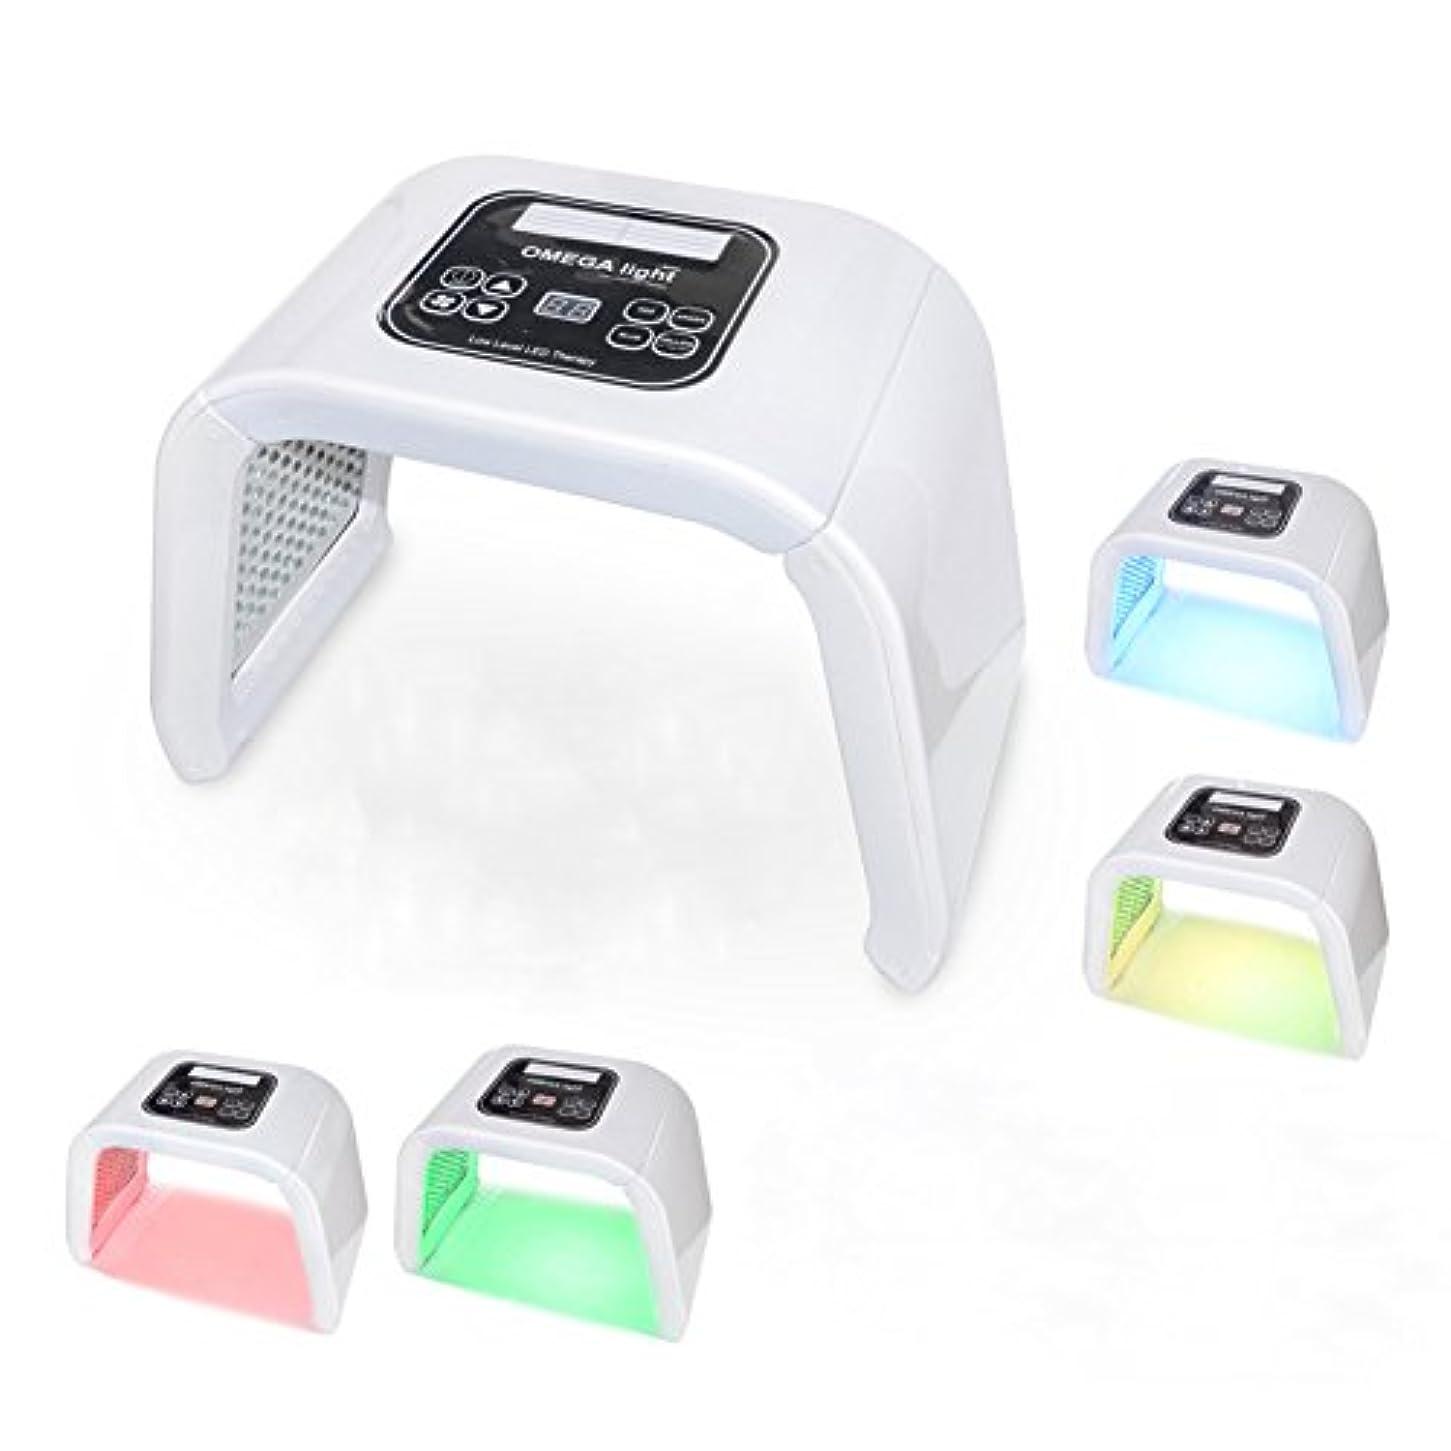 余裕があるモネ専門化するにきびの皮の若返りの美装置を白くする光子療法機械LED 4色,White